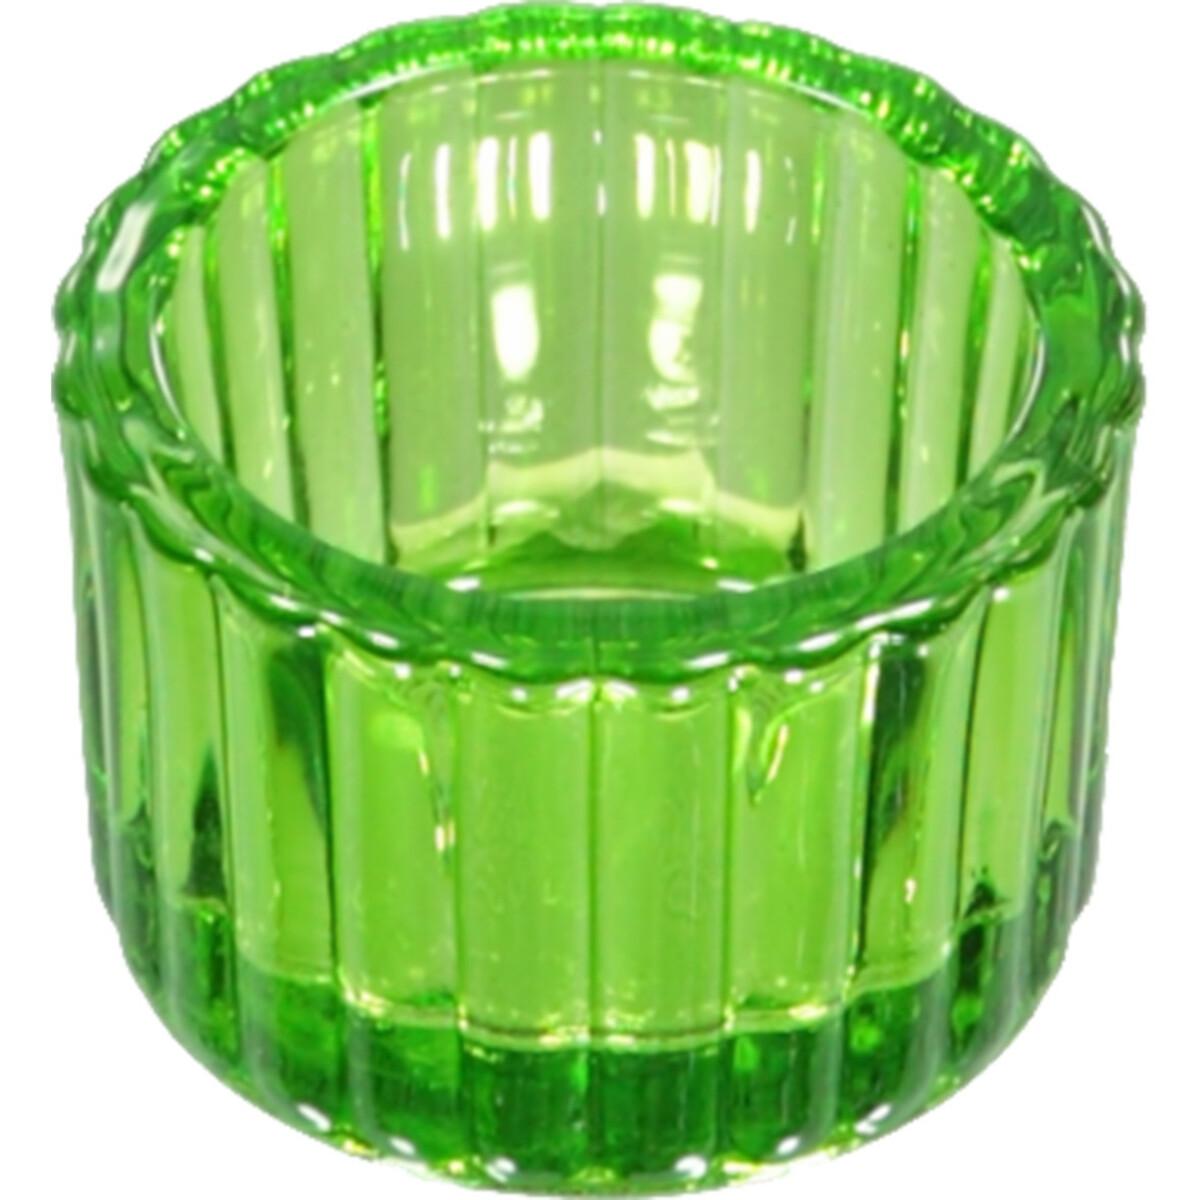 Bild 2 von Farbige Teelichthalter